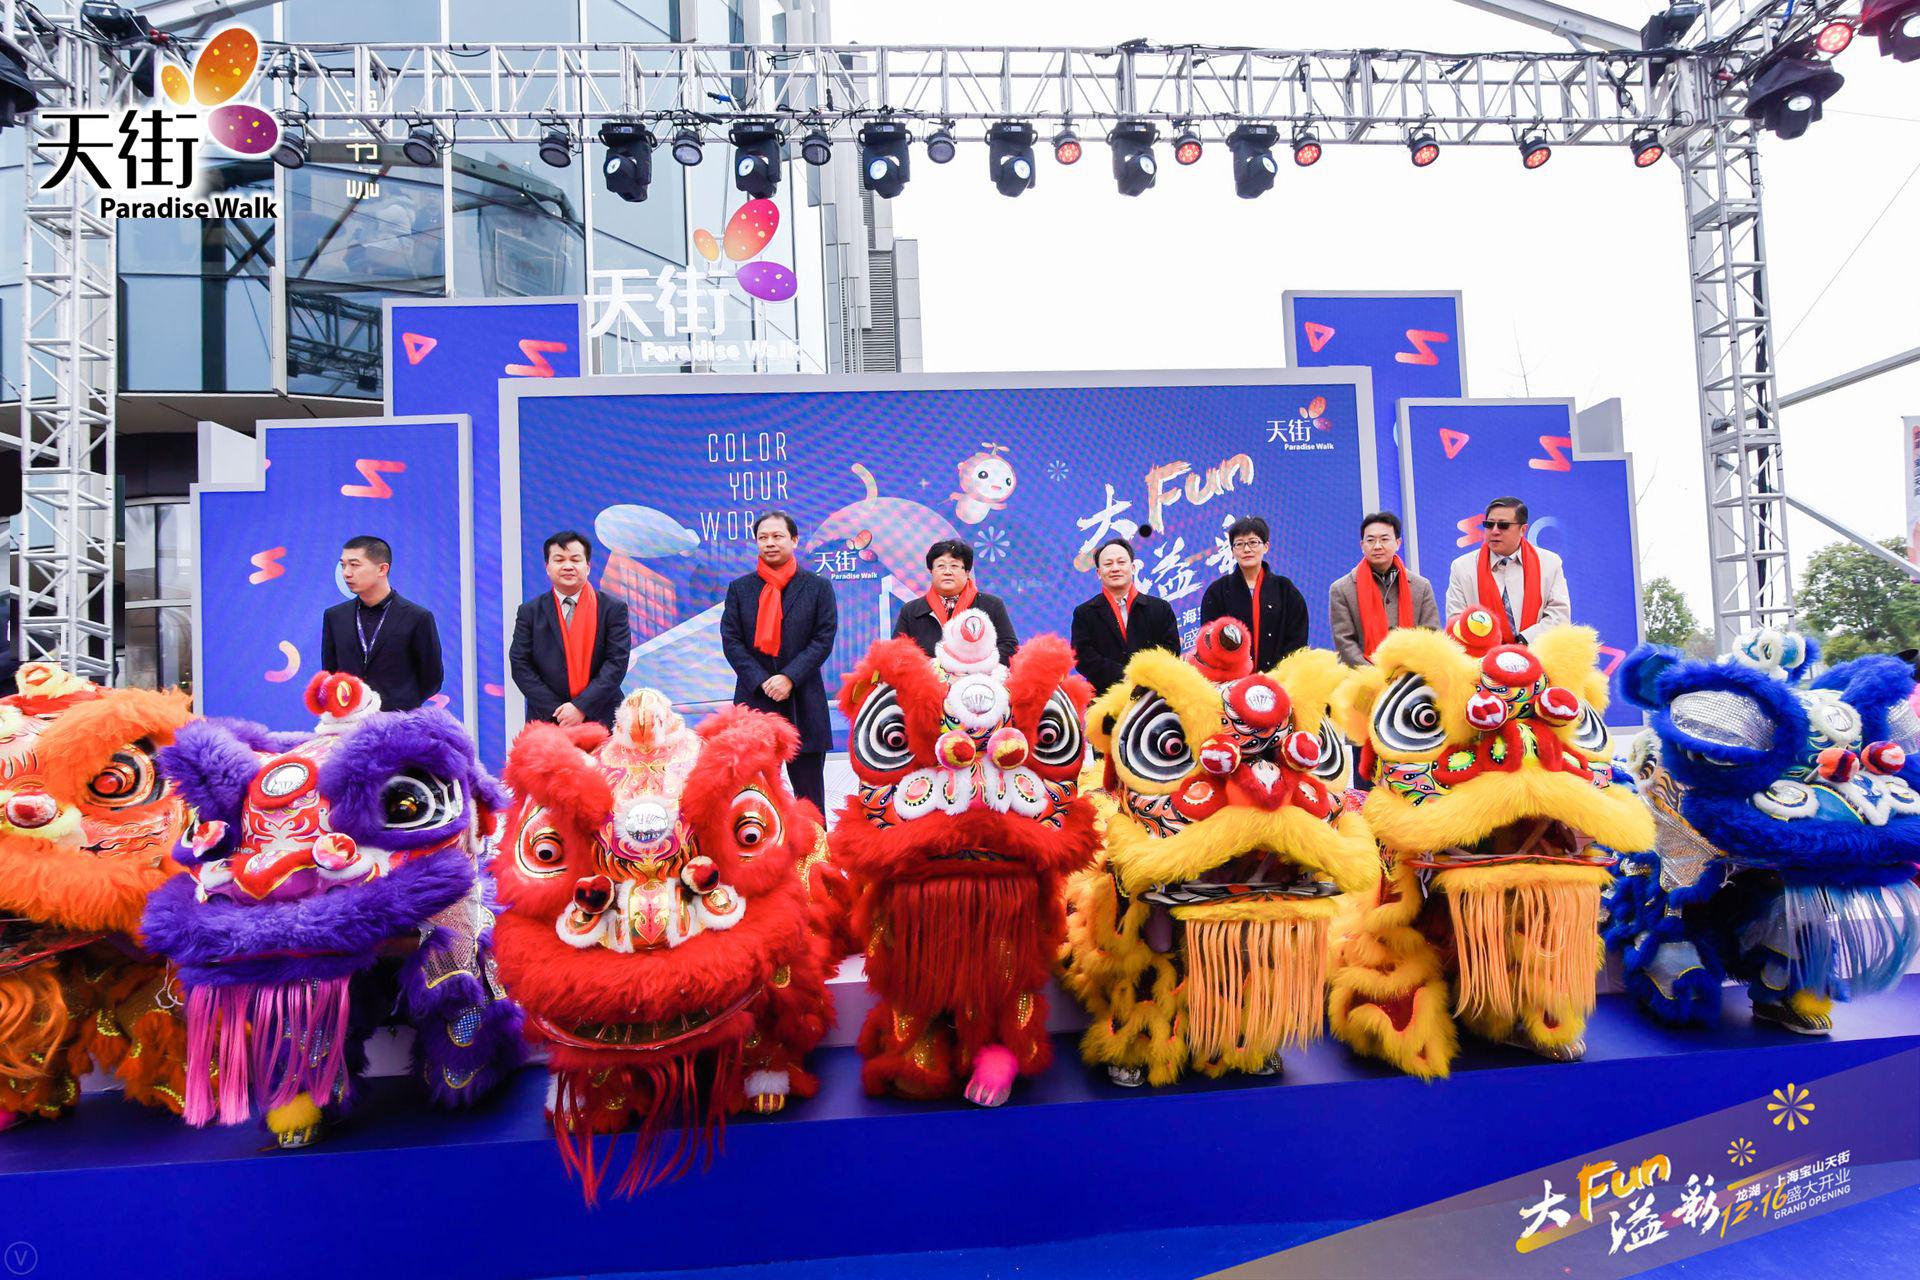 宝山天街盛大开业 龙湖上海第二座商业中心璀璨绽放